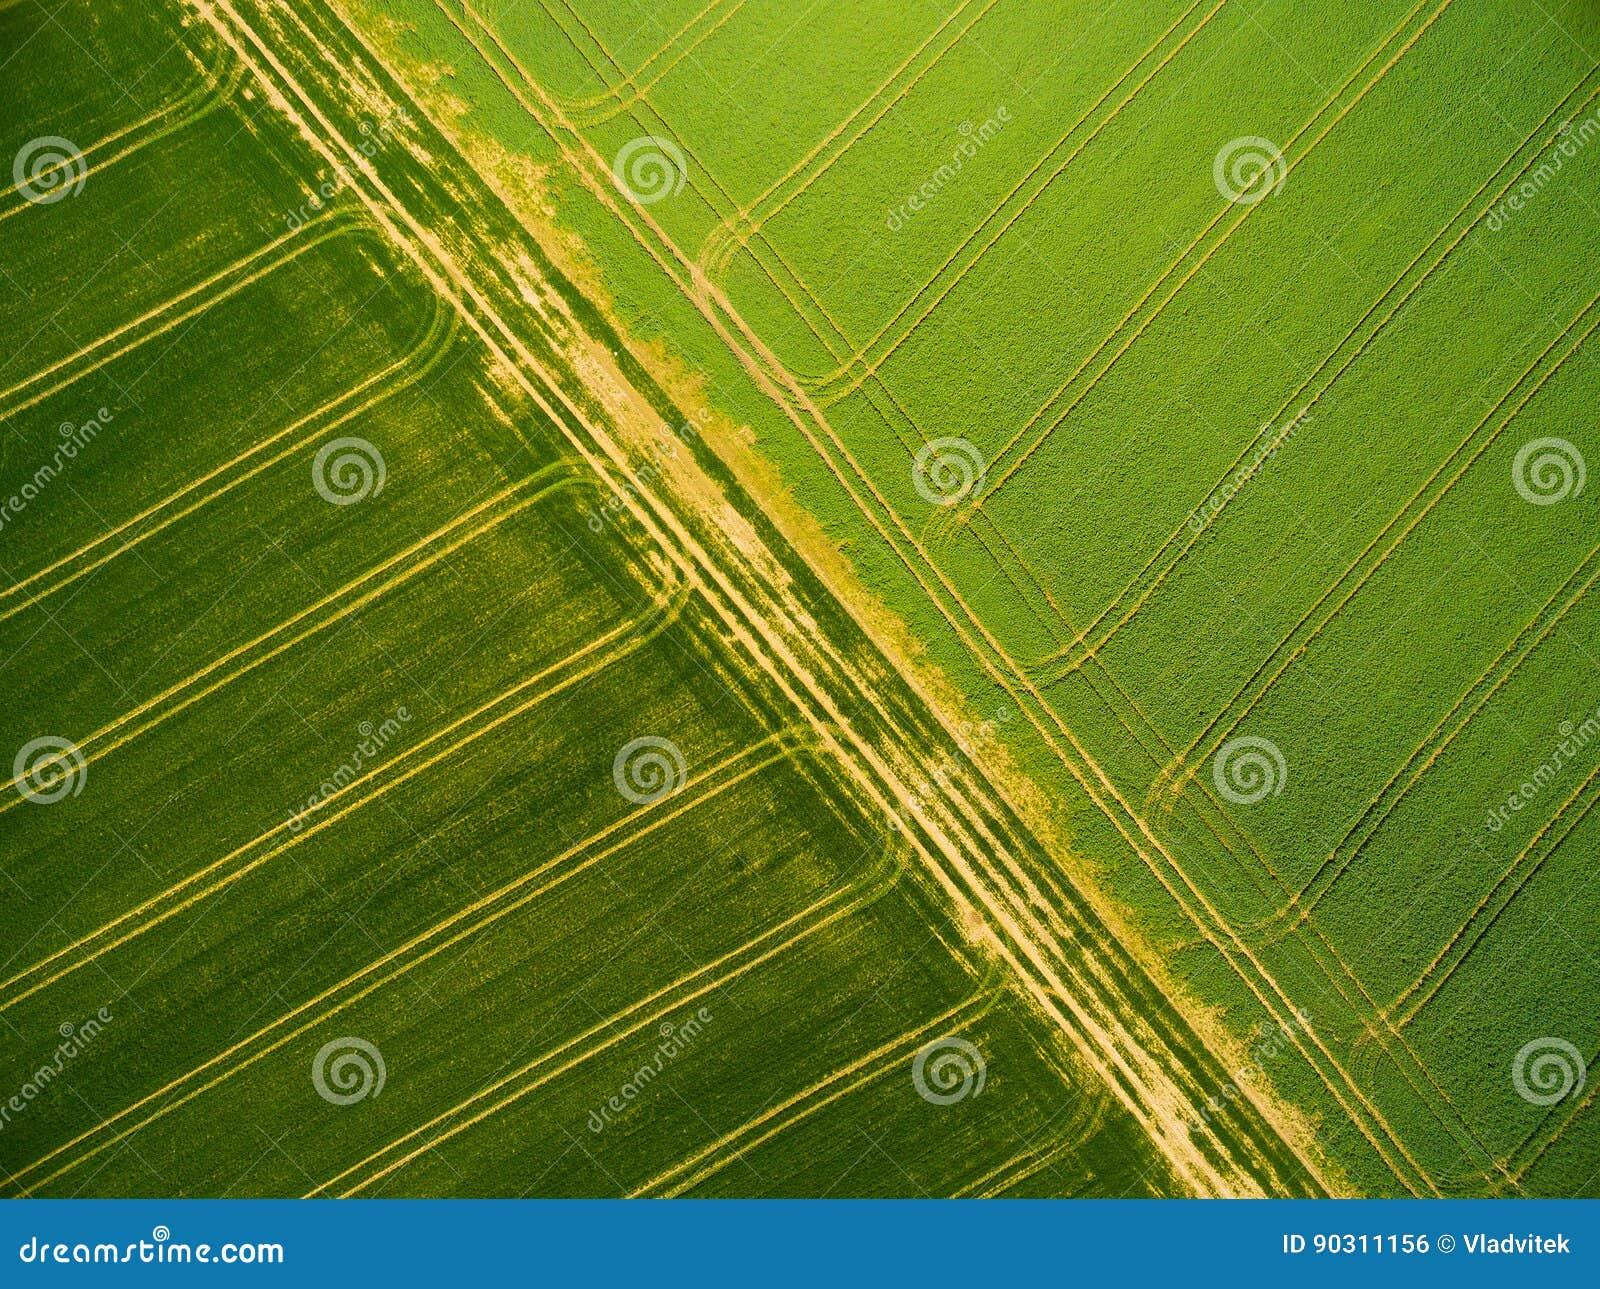 Champs de blé et de graine de colza avec des voies de tracteur